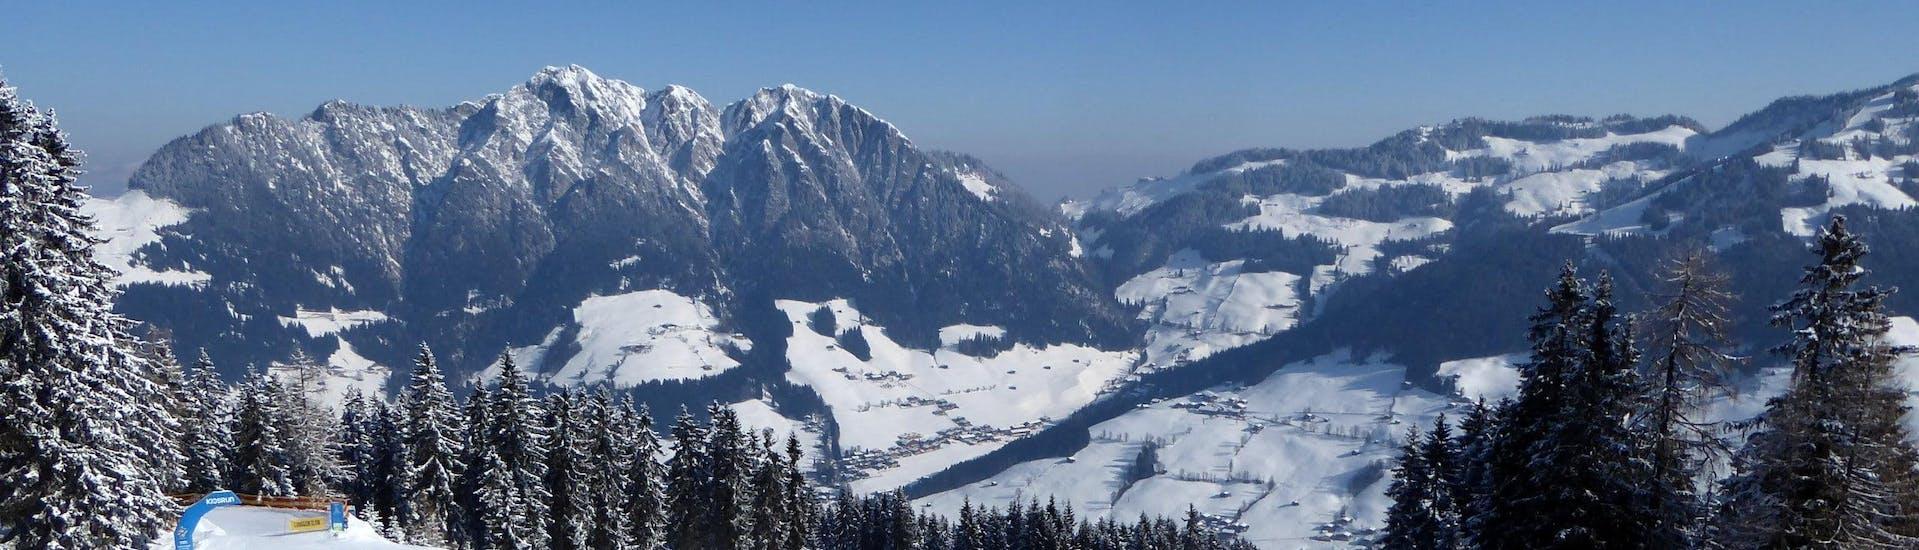 Ausblick auf die sonnige Berglandschaft beim Skifahren lernen mit einer Skischule im Skigebiet Ski Juwel Alpbachtal Wildschönau.